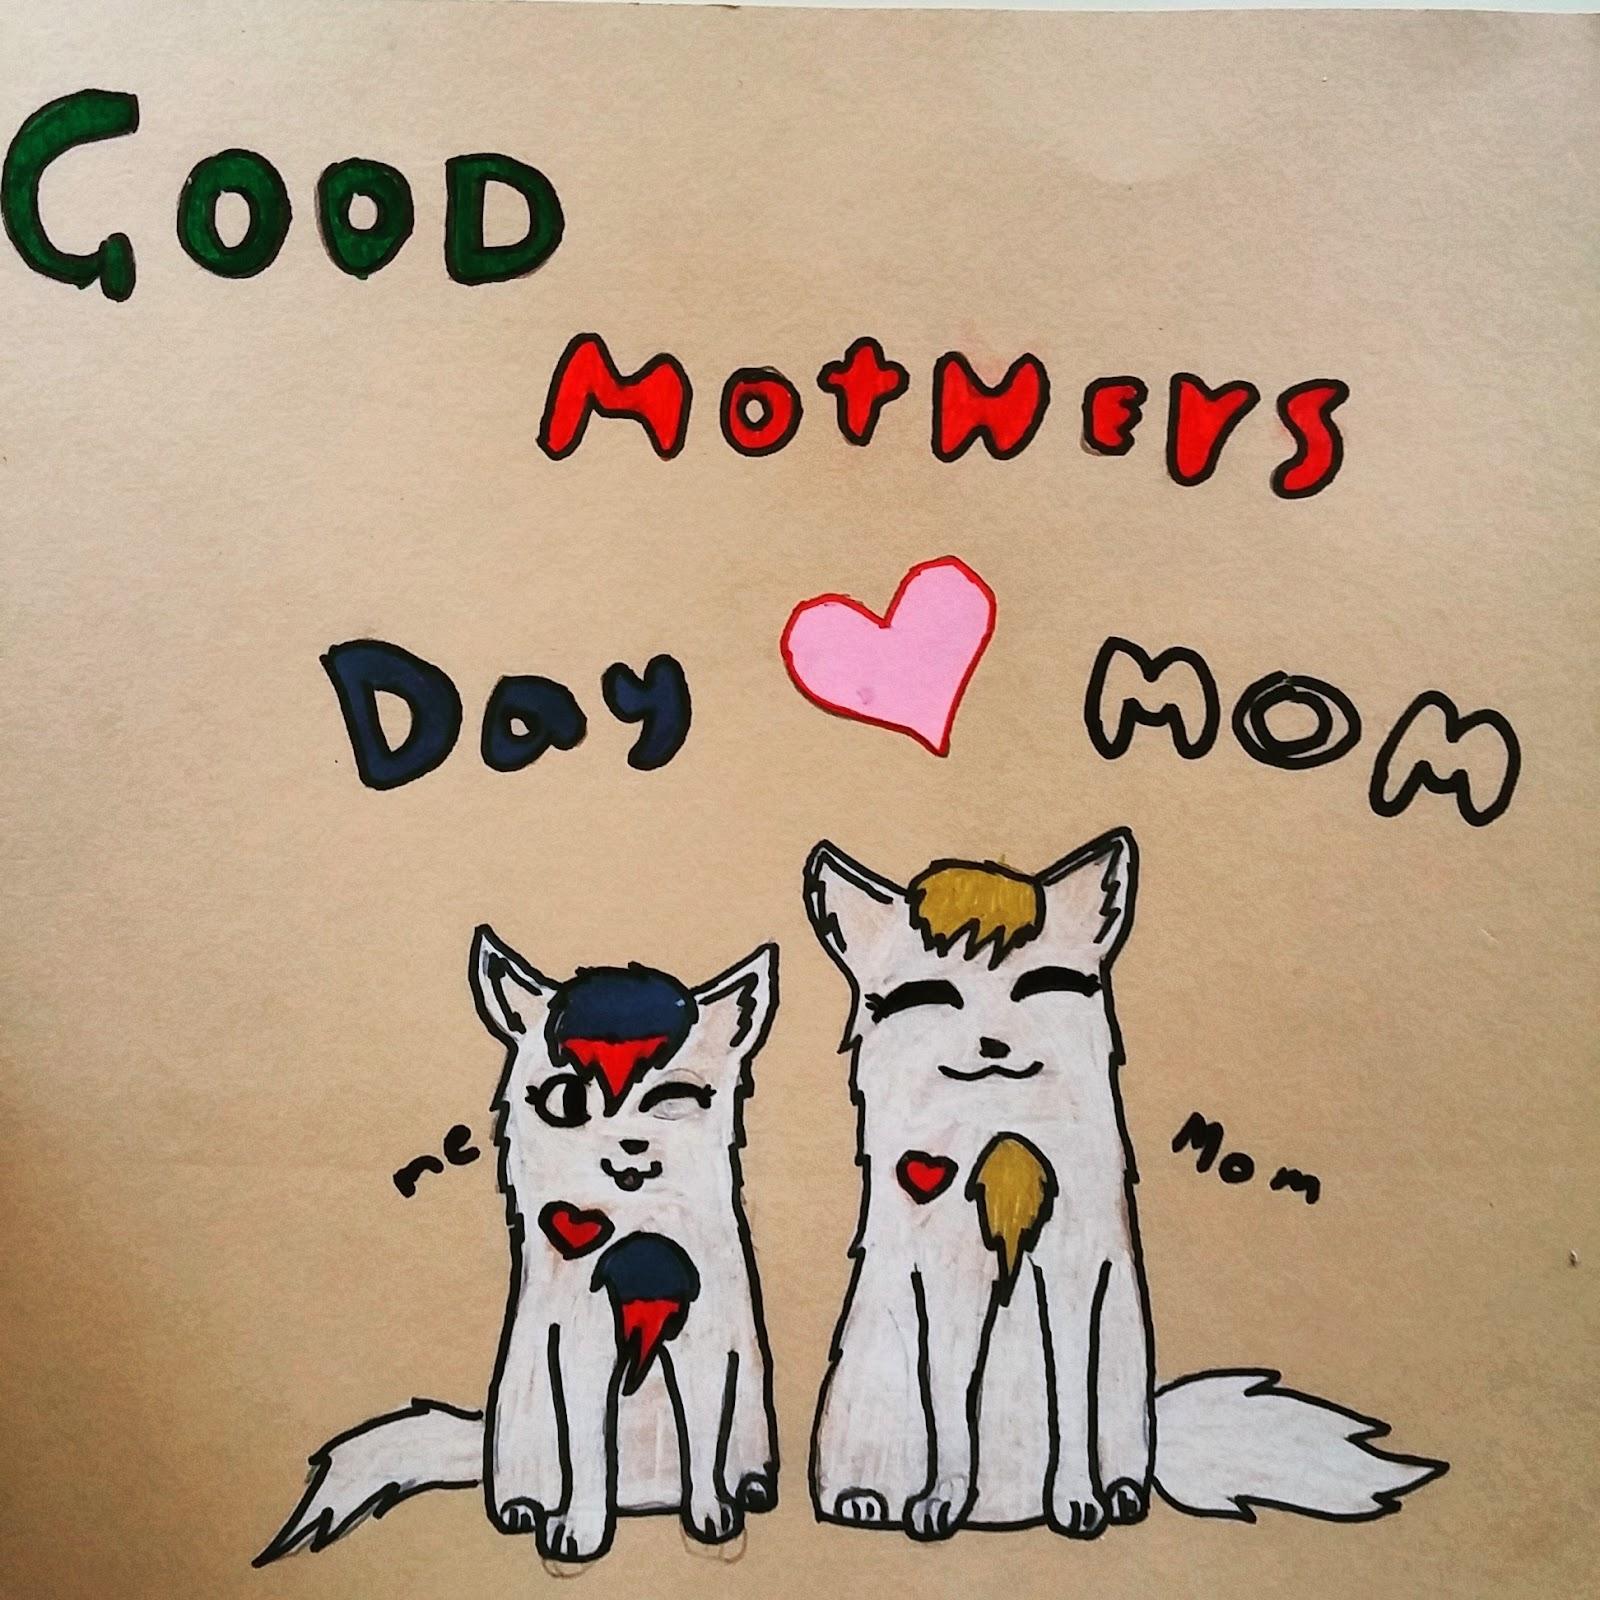 Hyvää äitienpäivää kaikille äideille, isoäideille, äitipuolille, kasvatusvanhemmille